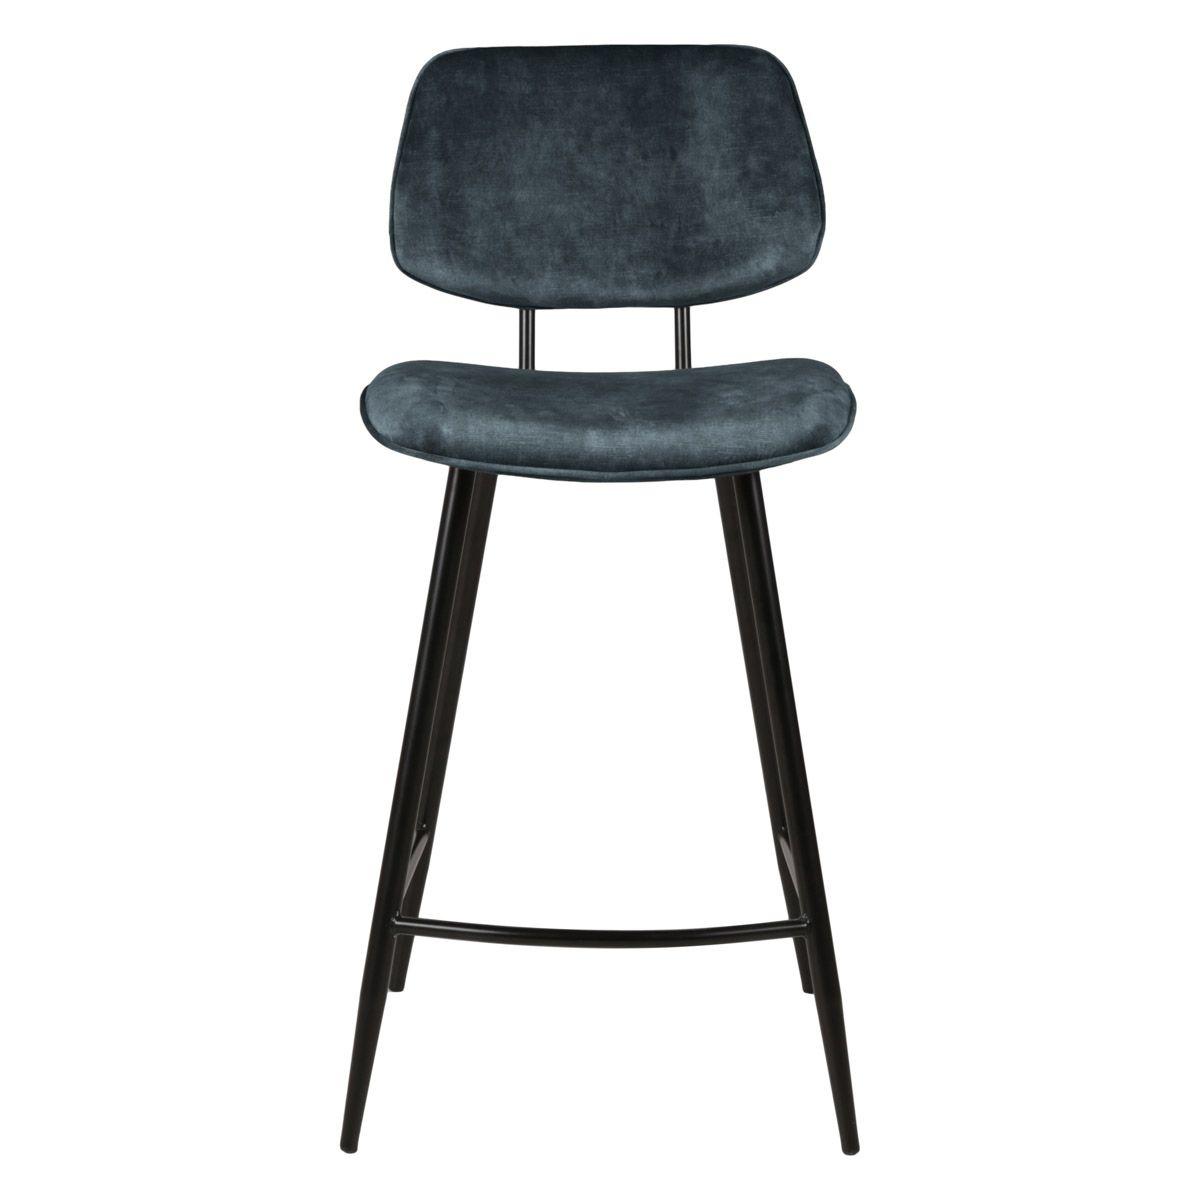 Chaise plan de travail velours gris bleu pieds métal noir h68